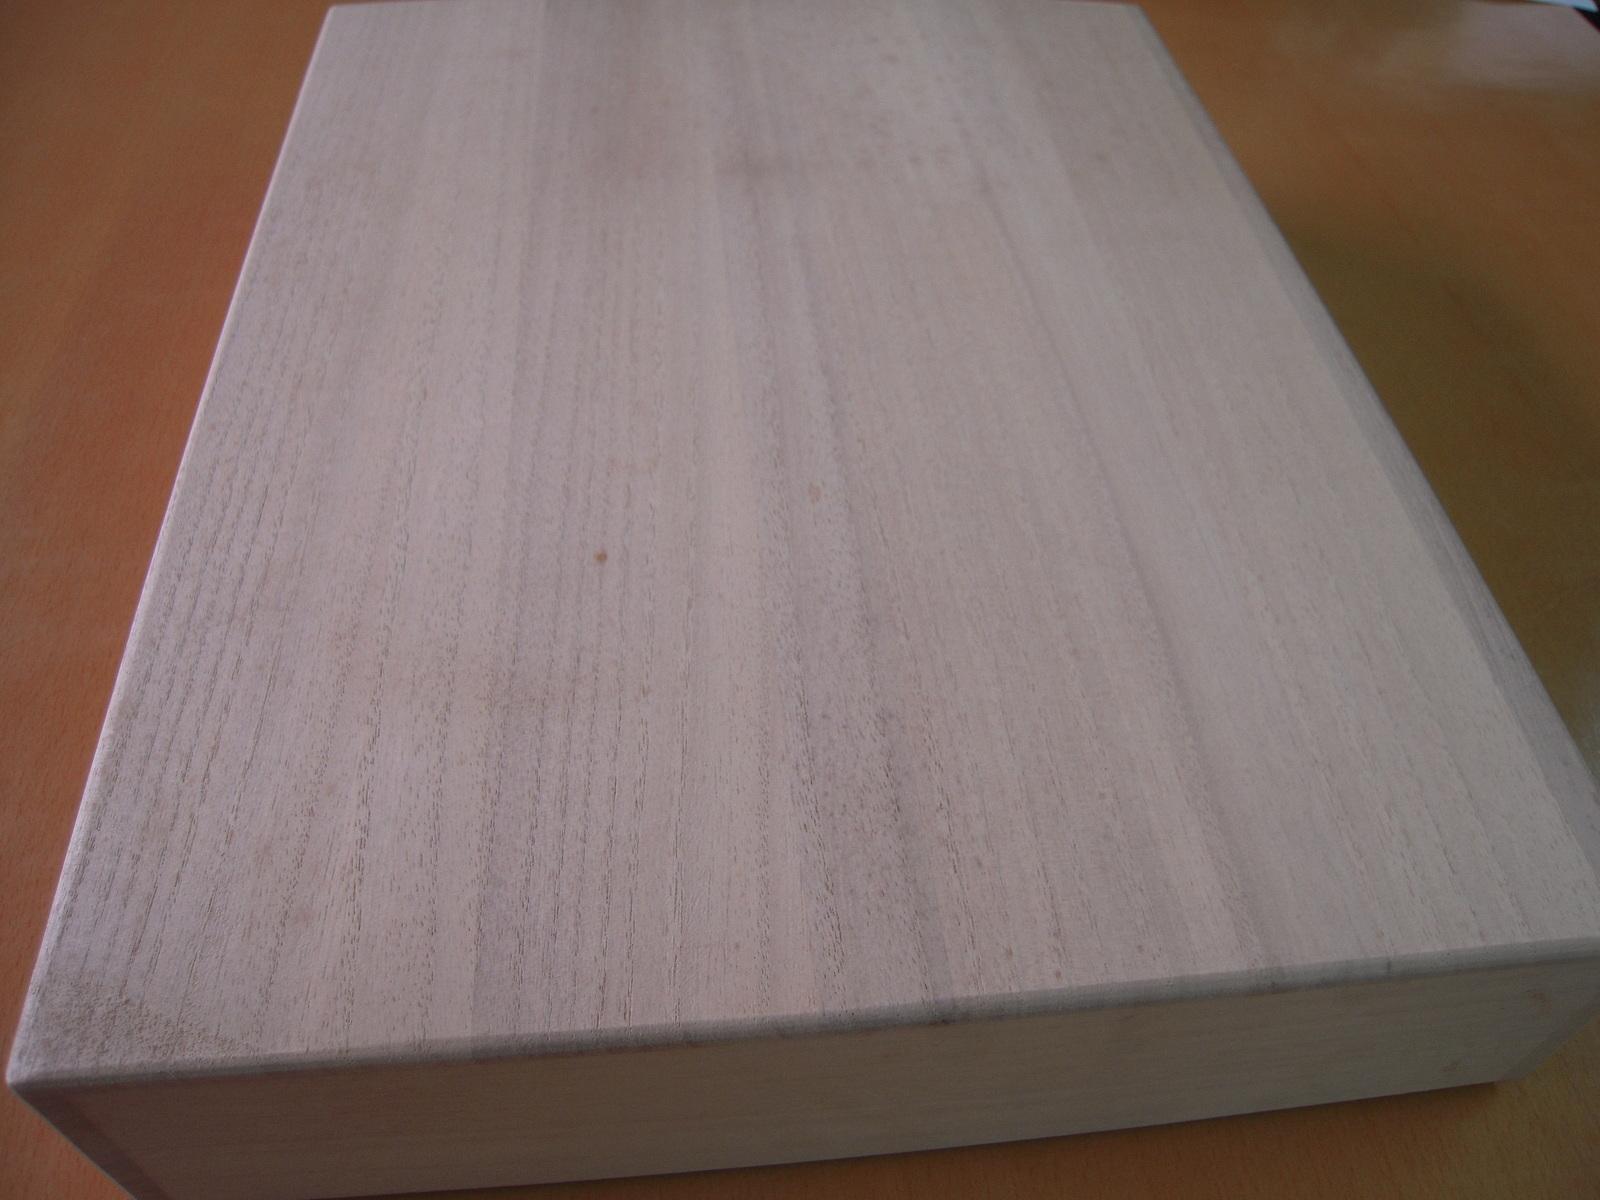 人気の製品 桐箱 桐製 国産 仕事 お得 収納 整理箱